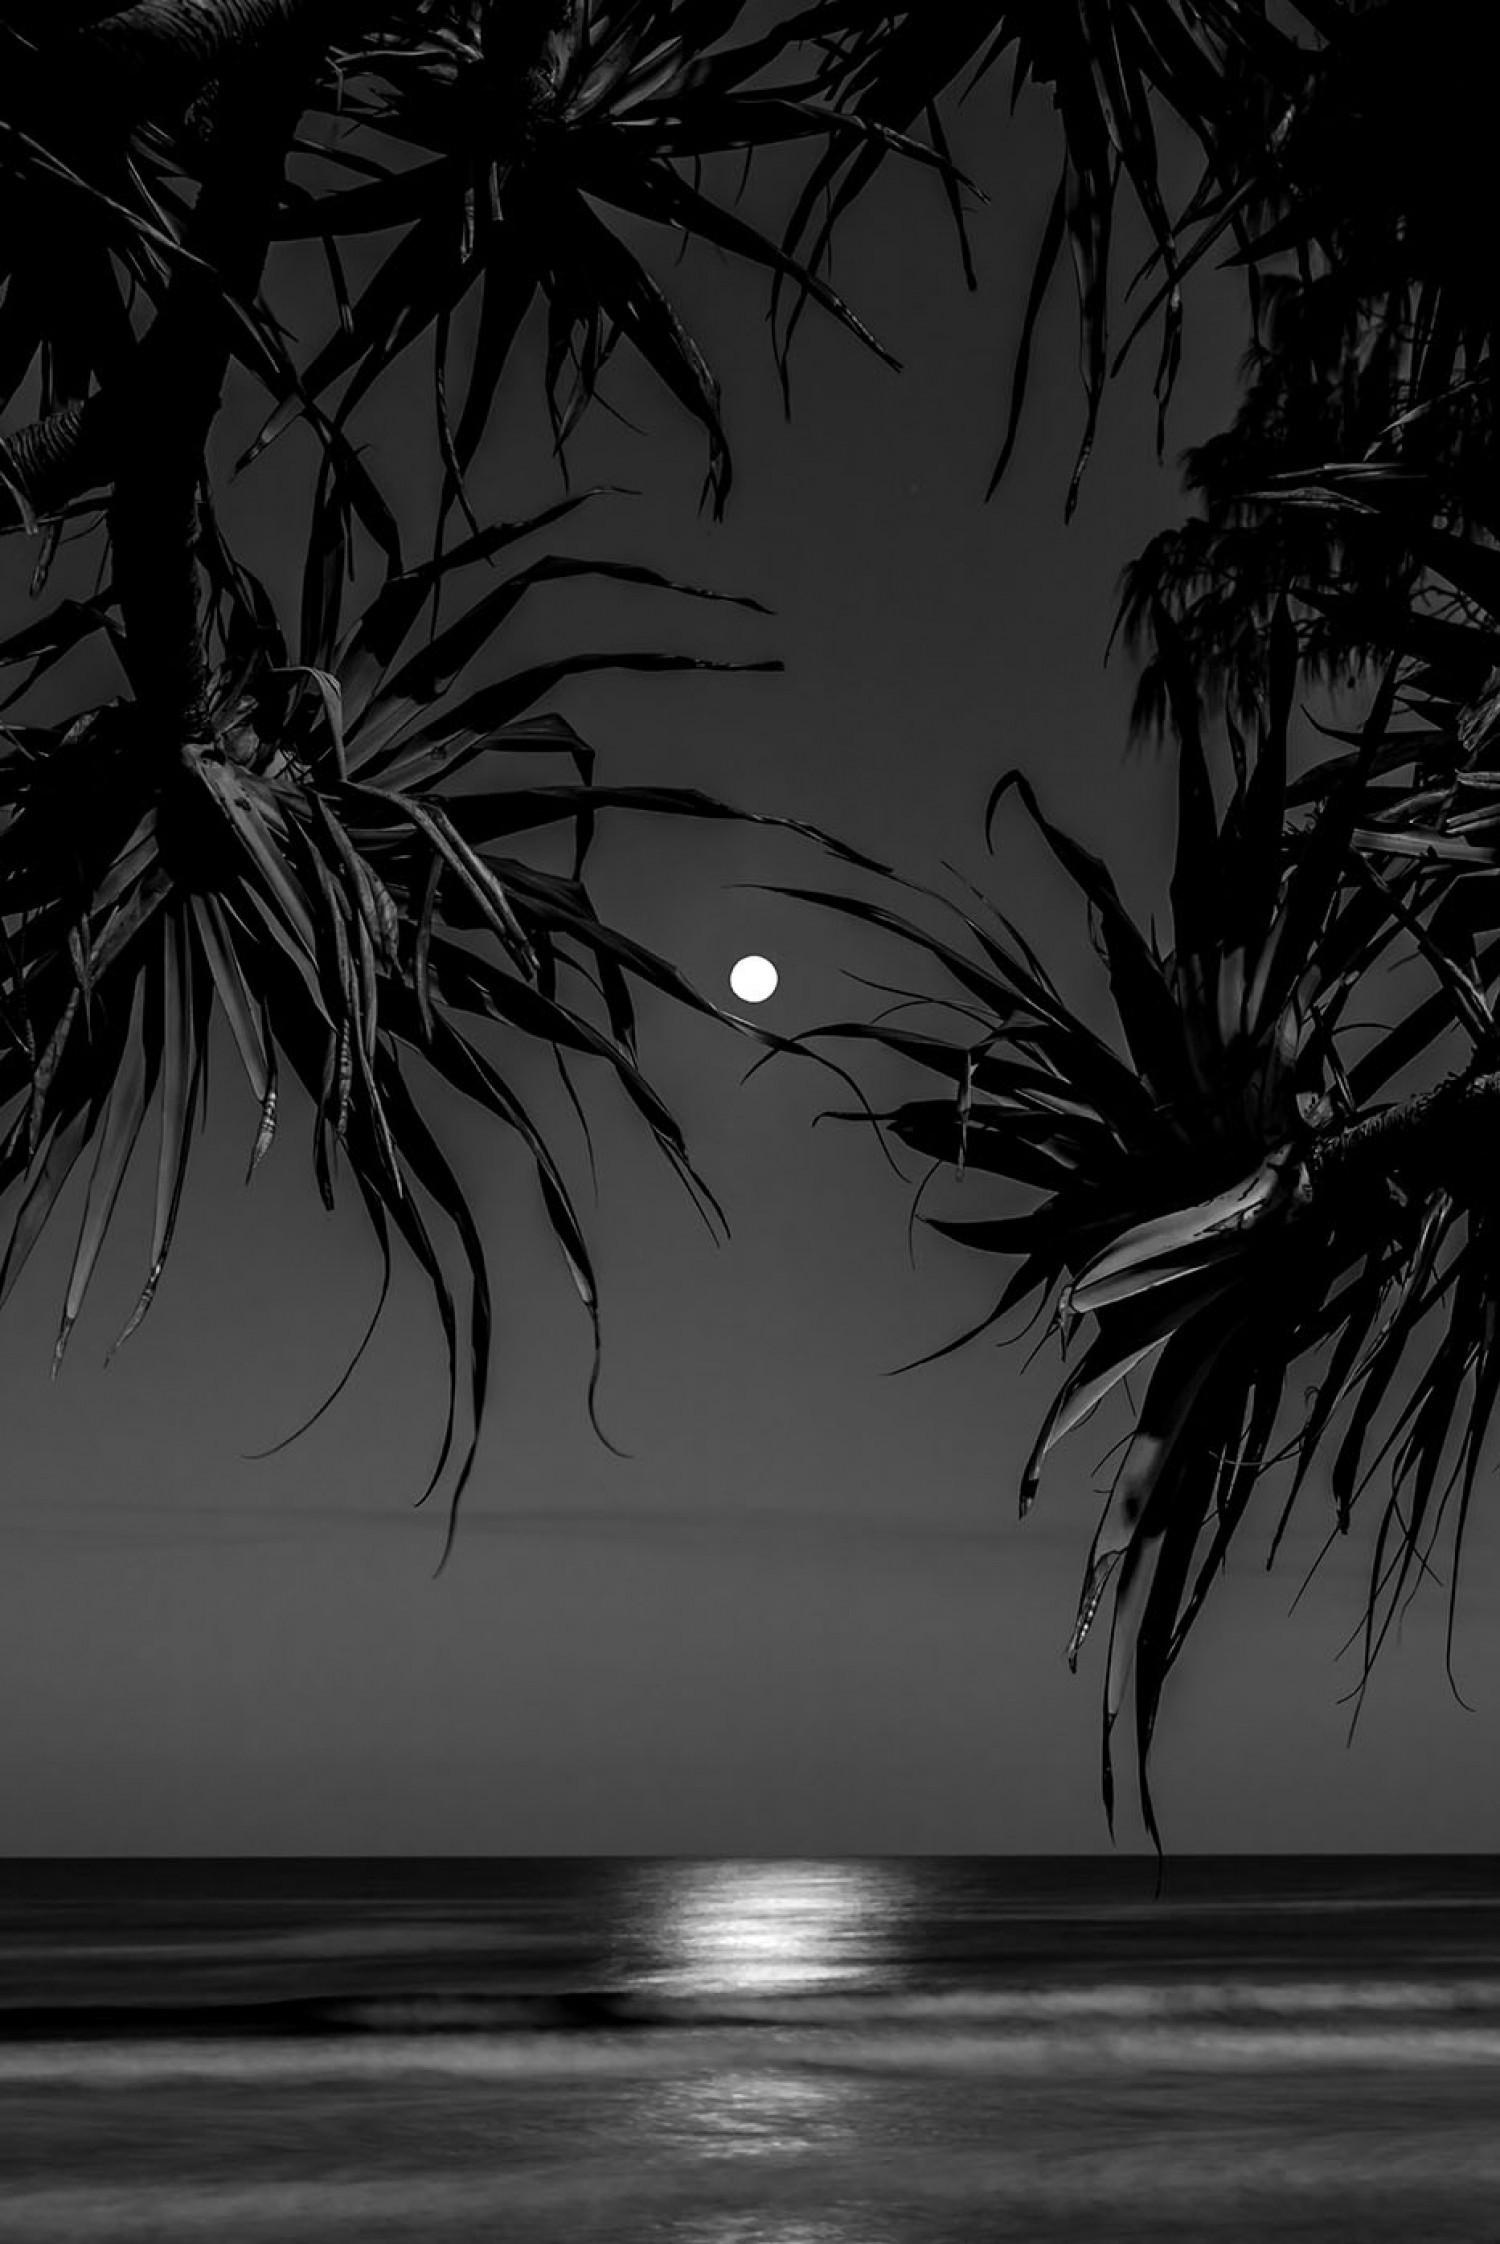 «Очарование ночи». Финалист в категории «Пейзаж и природа», 2020. Автор Аз Джексон